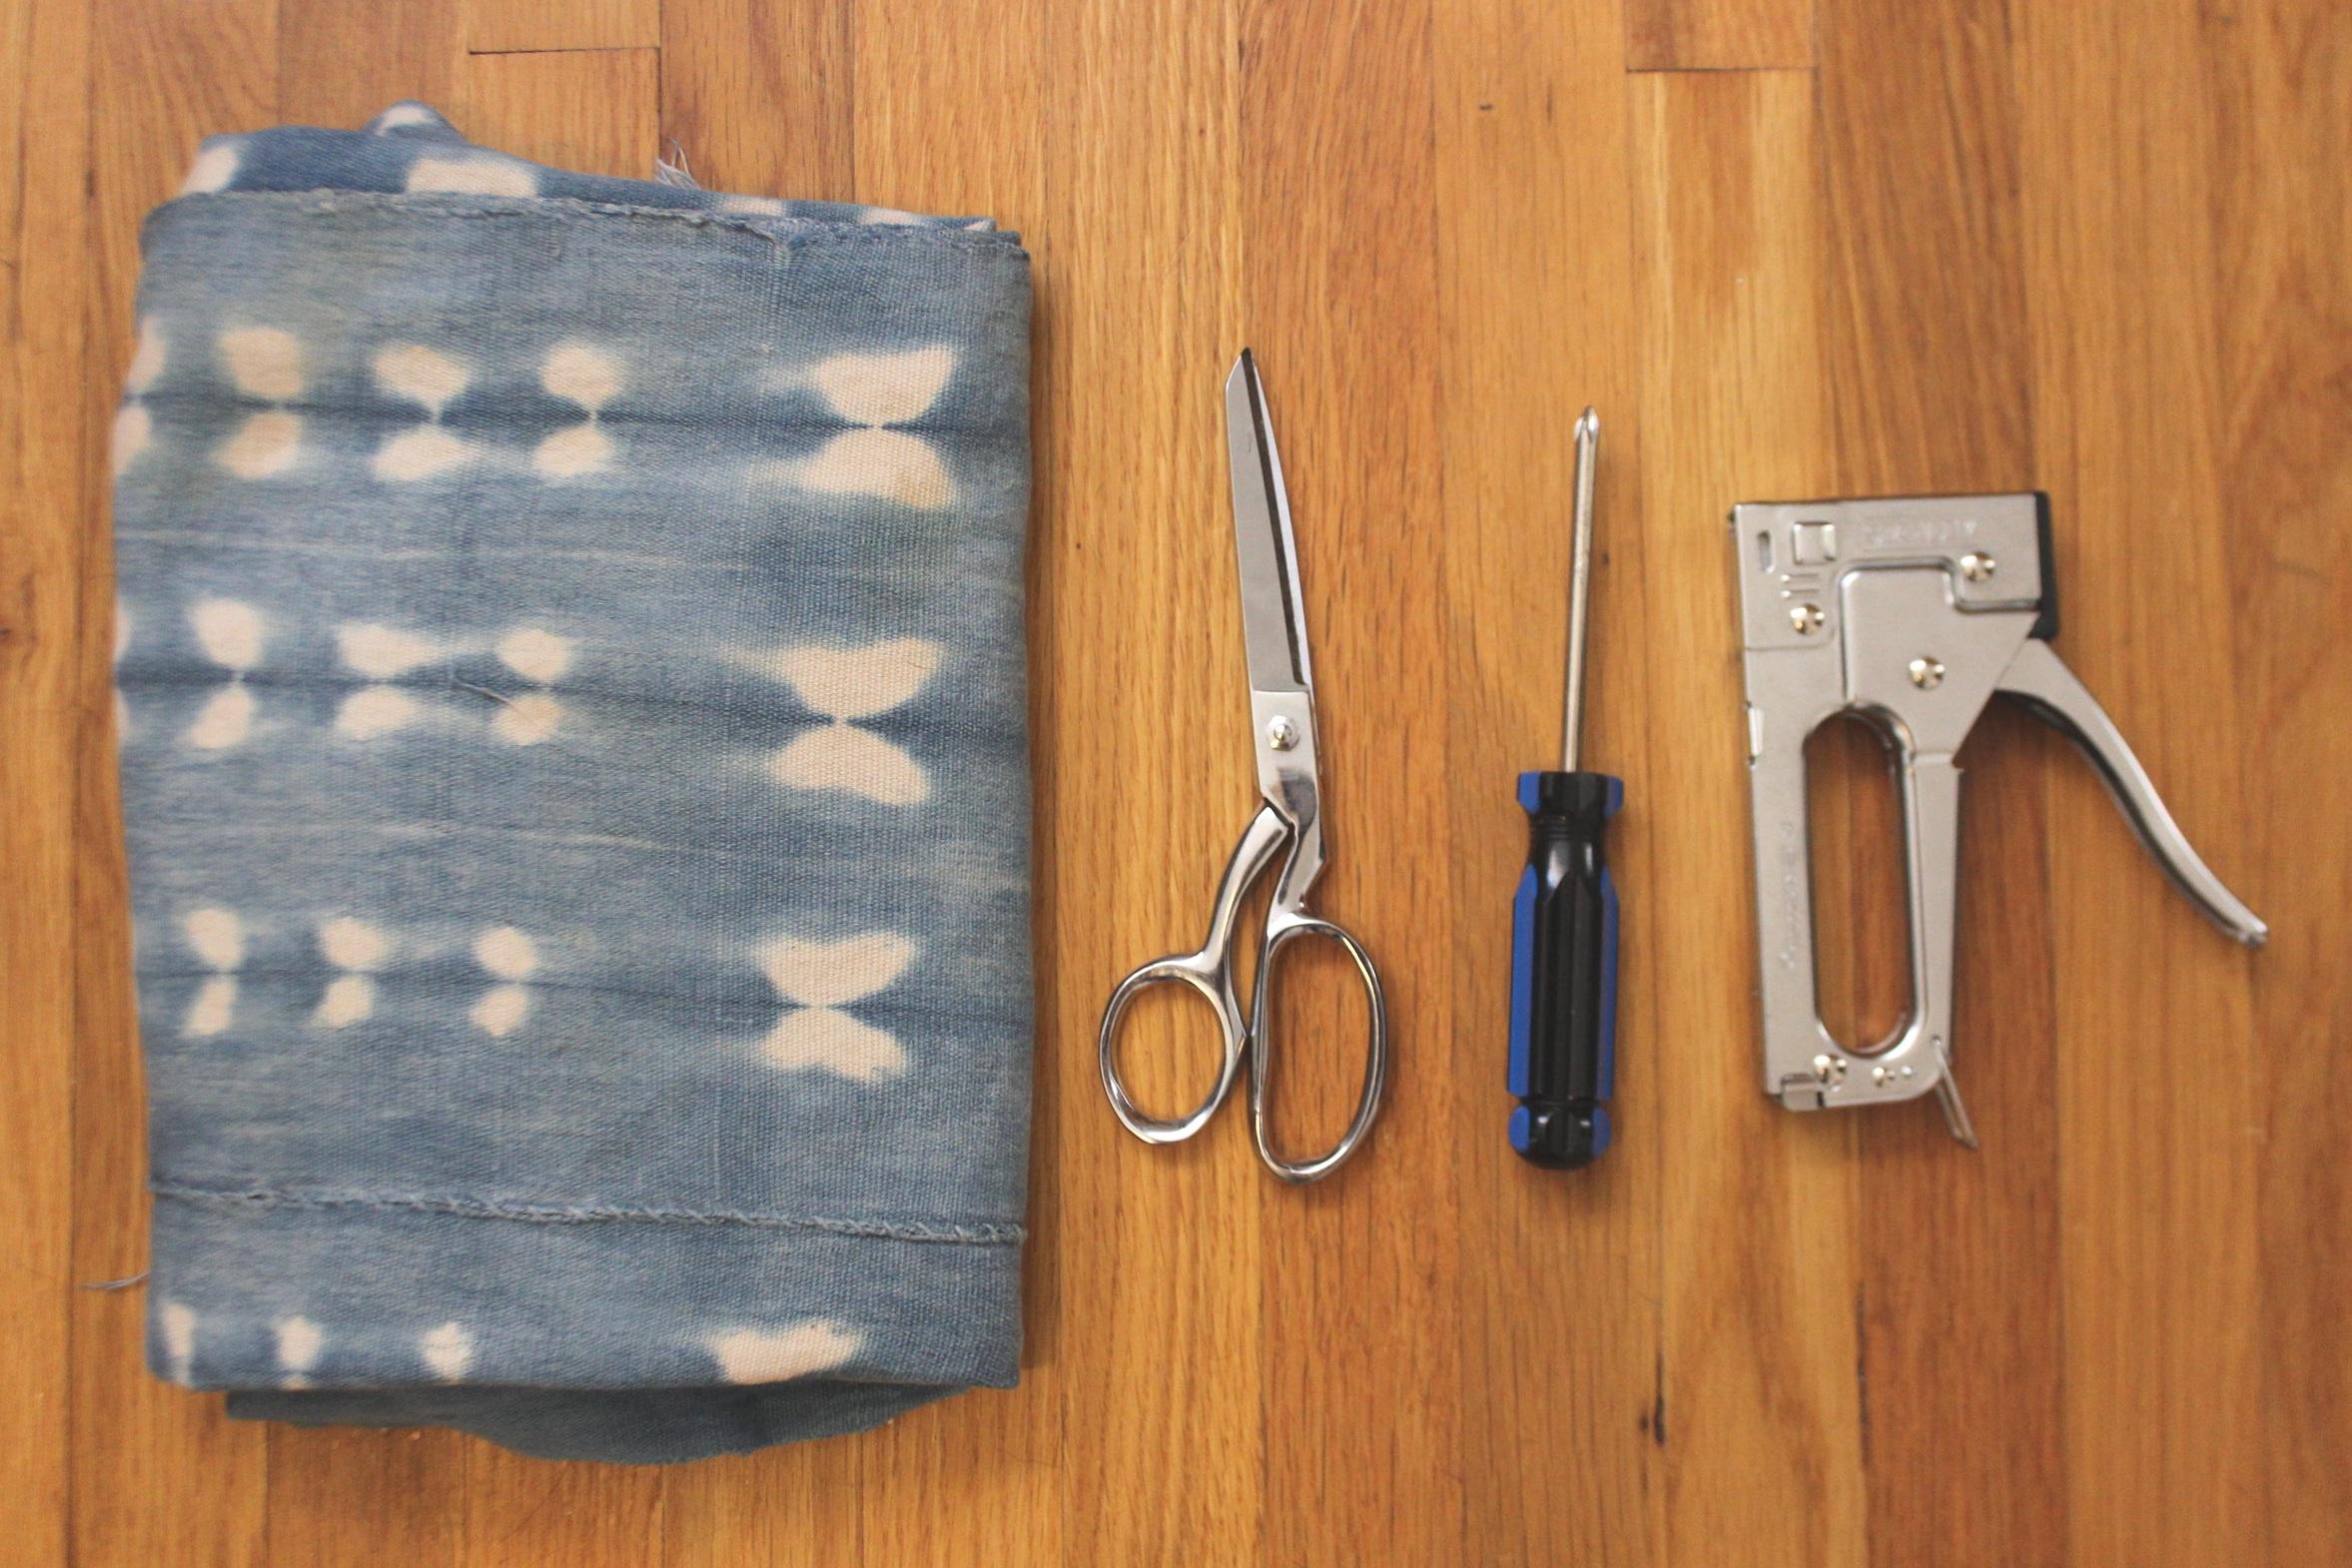 Fabric, fabric scissors, screwdriver, staple gun.  Not pictured: staple gun remover.